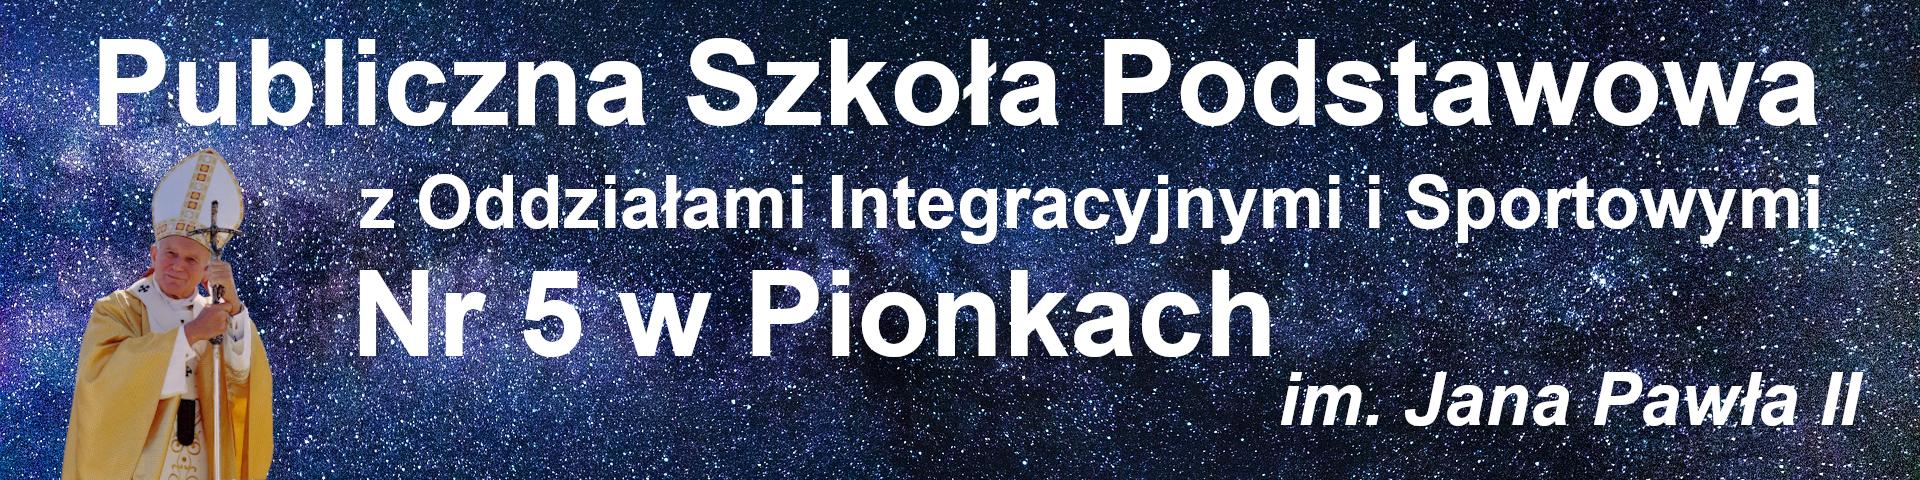 Publiczna Szkoła Podstawowa z Oddziałami Integracyjnymi i Sportowymi Nr 5 w Pionkach